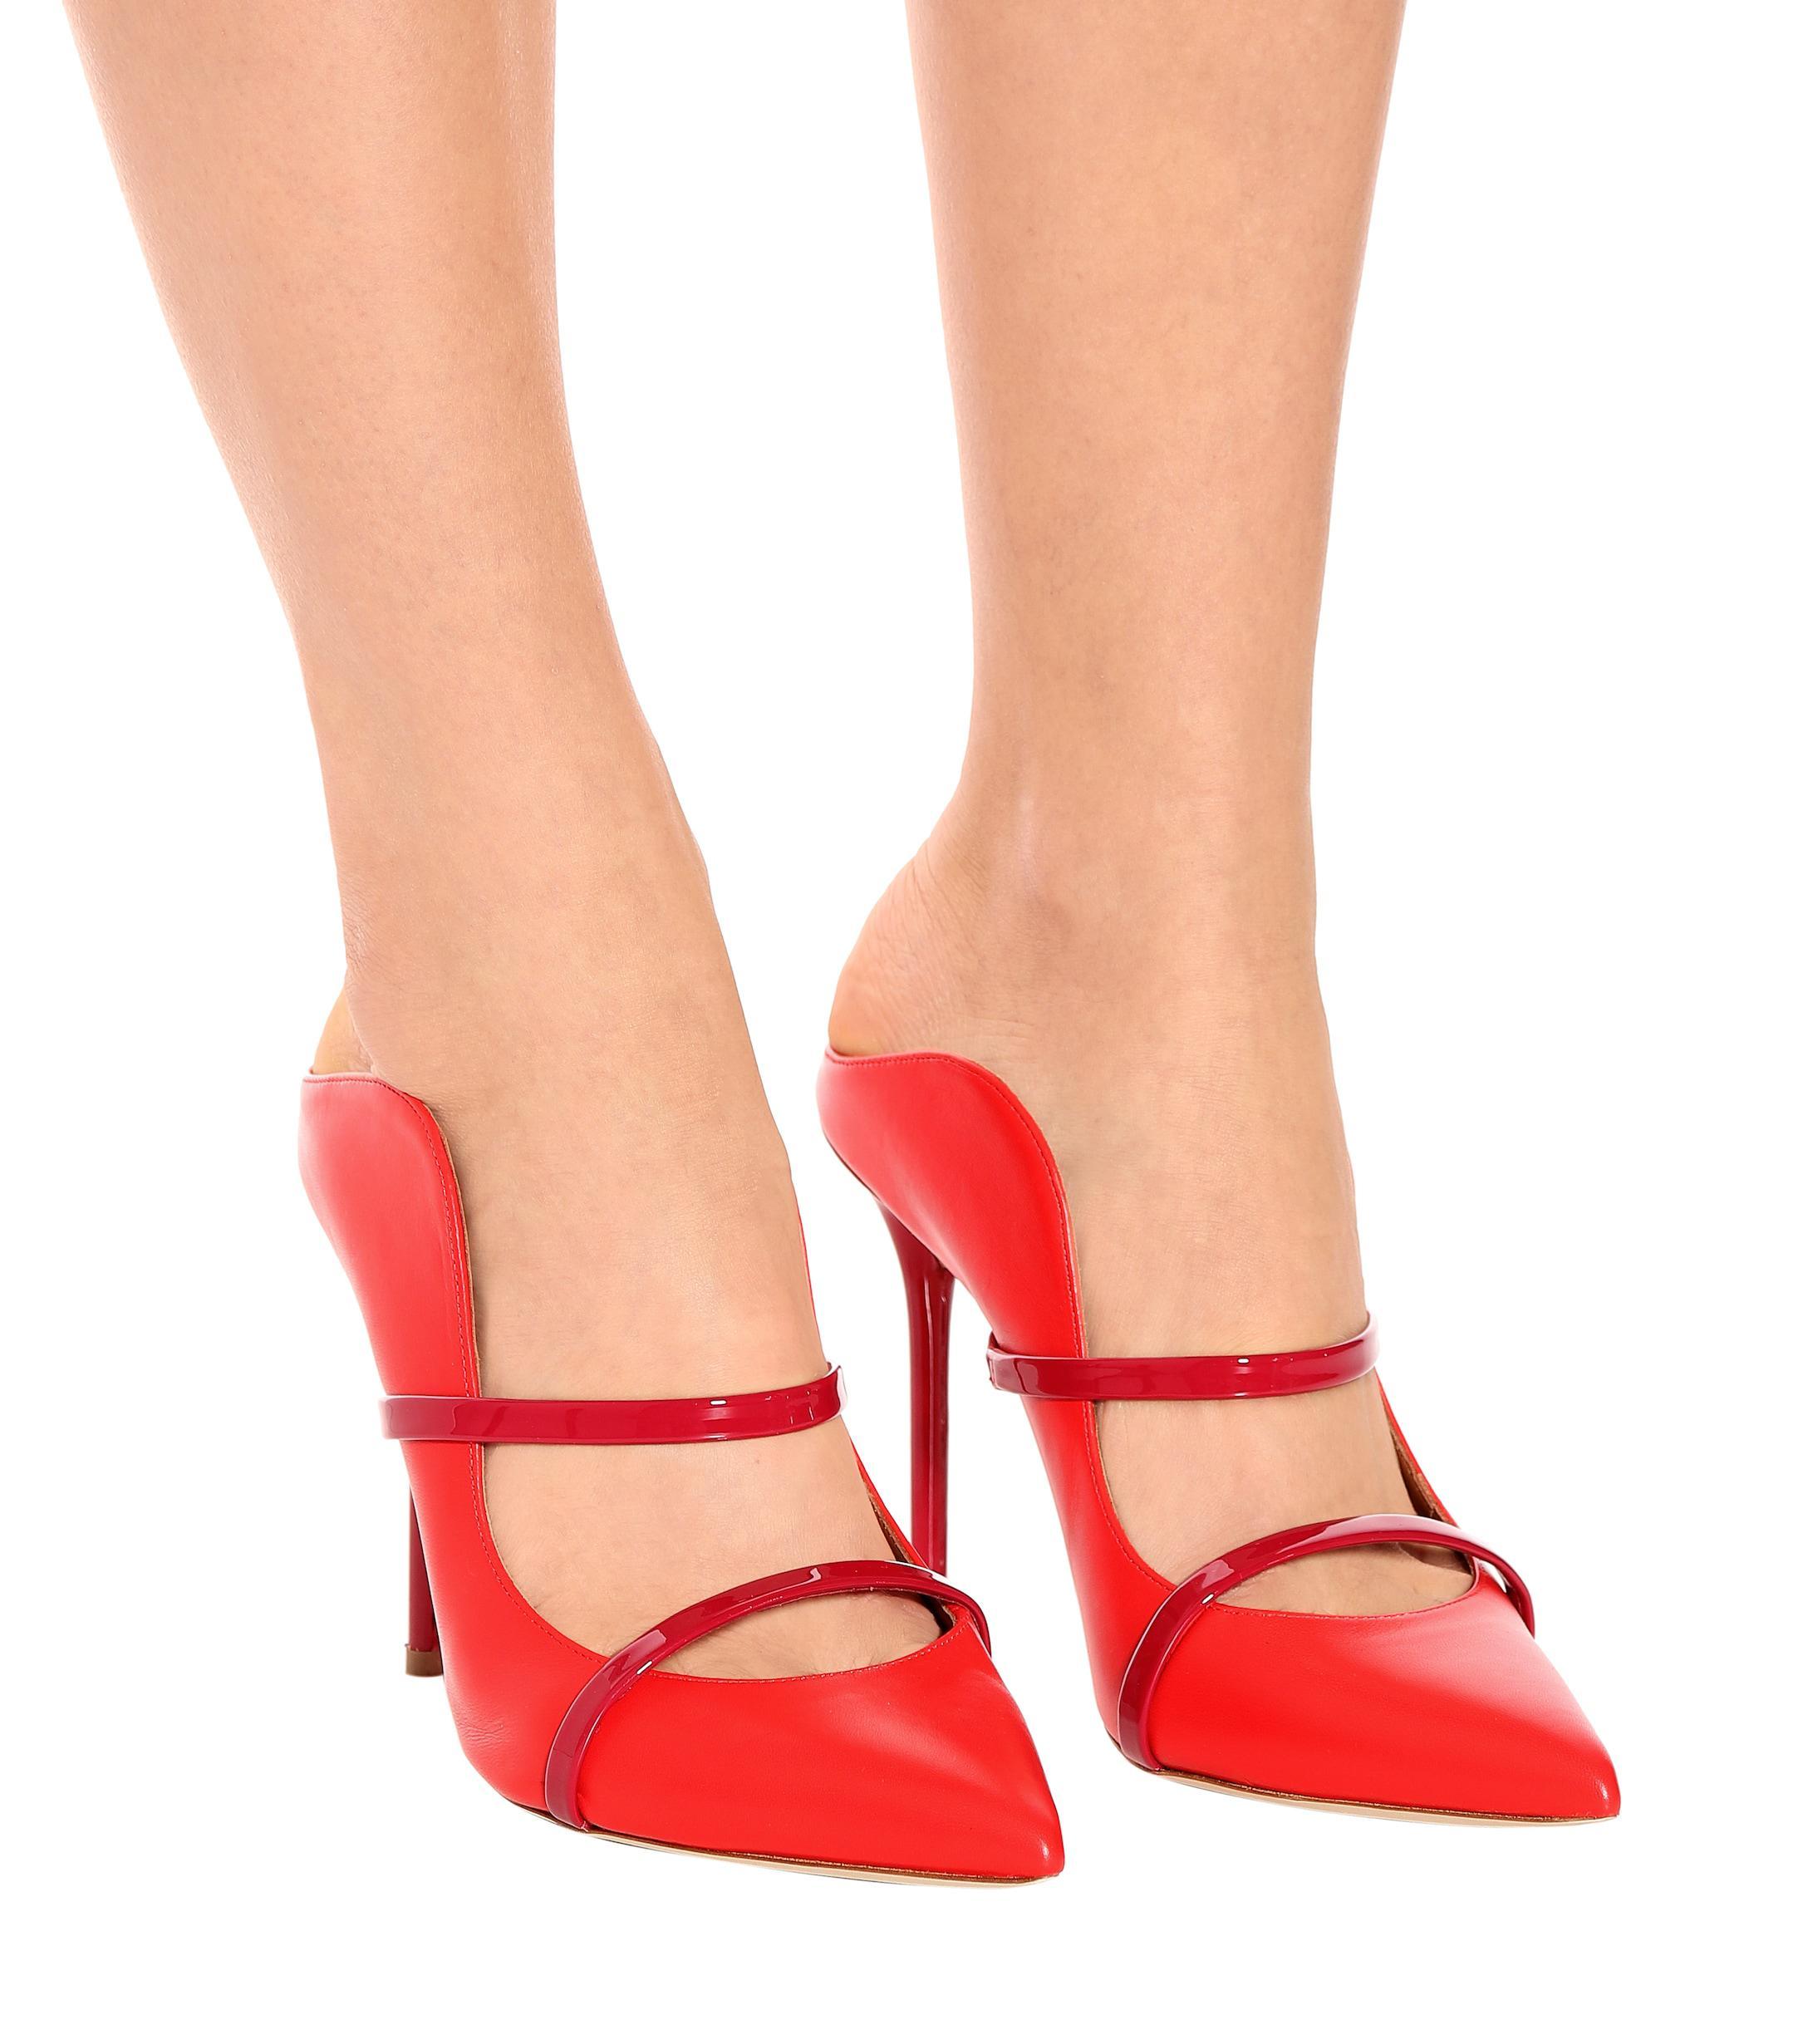 Mules Maureen 100 de piel Malone Souliers de Cuero de color Rojo